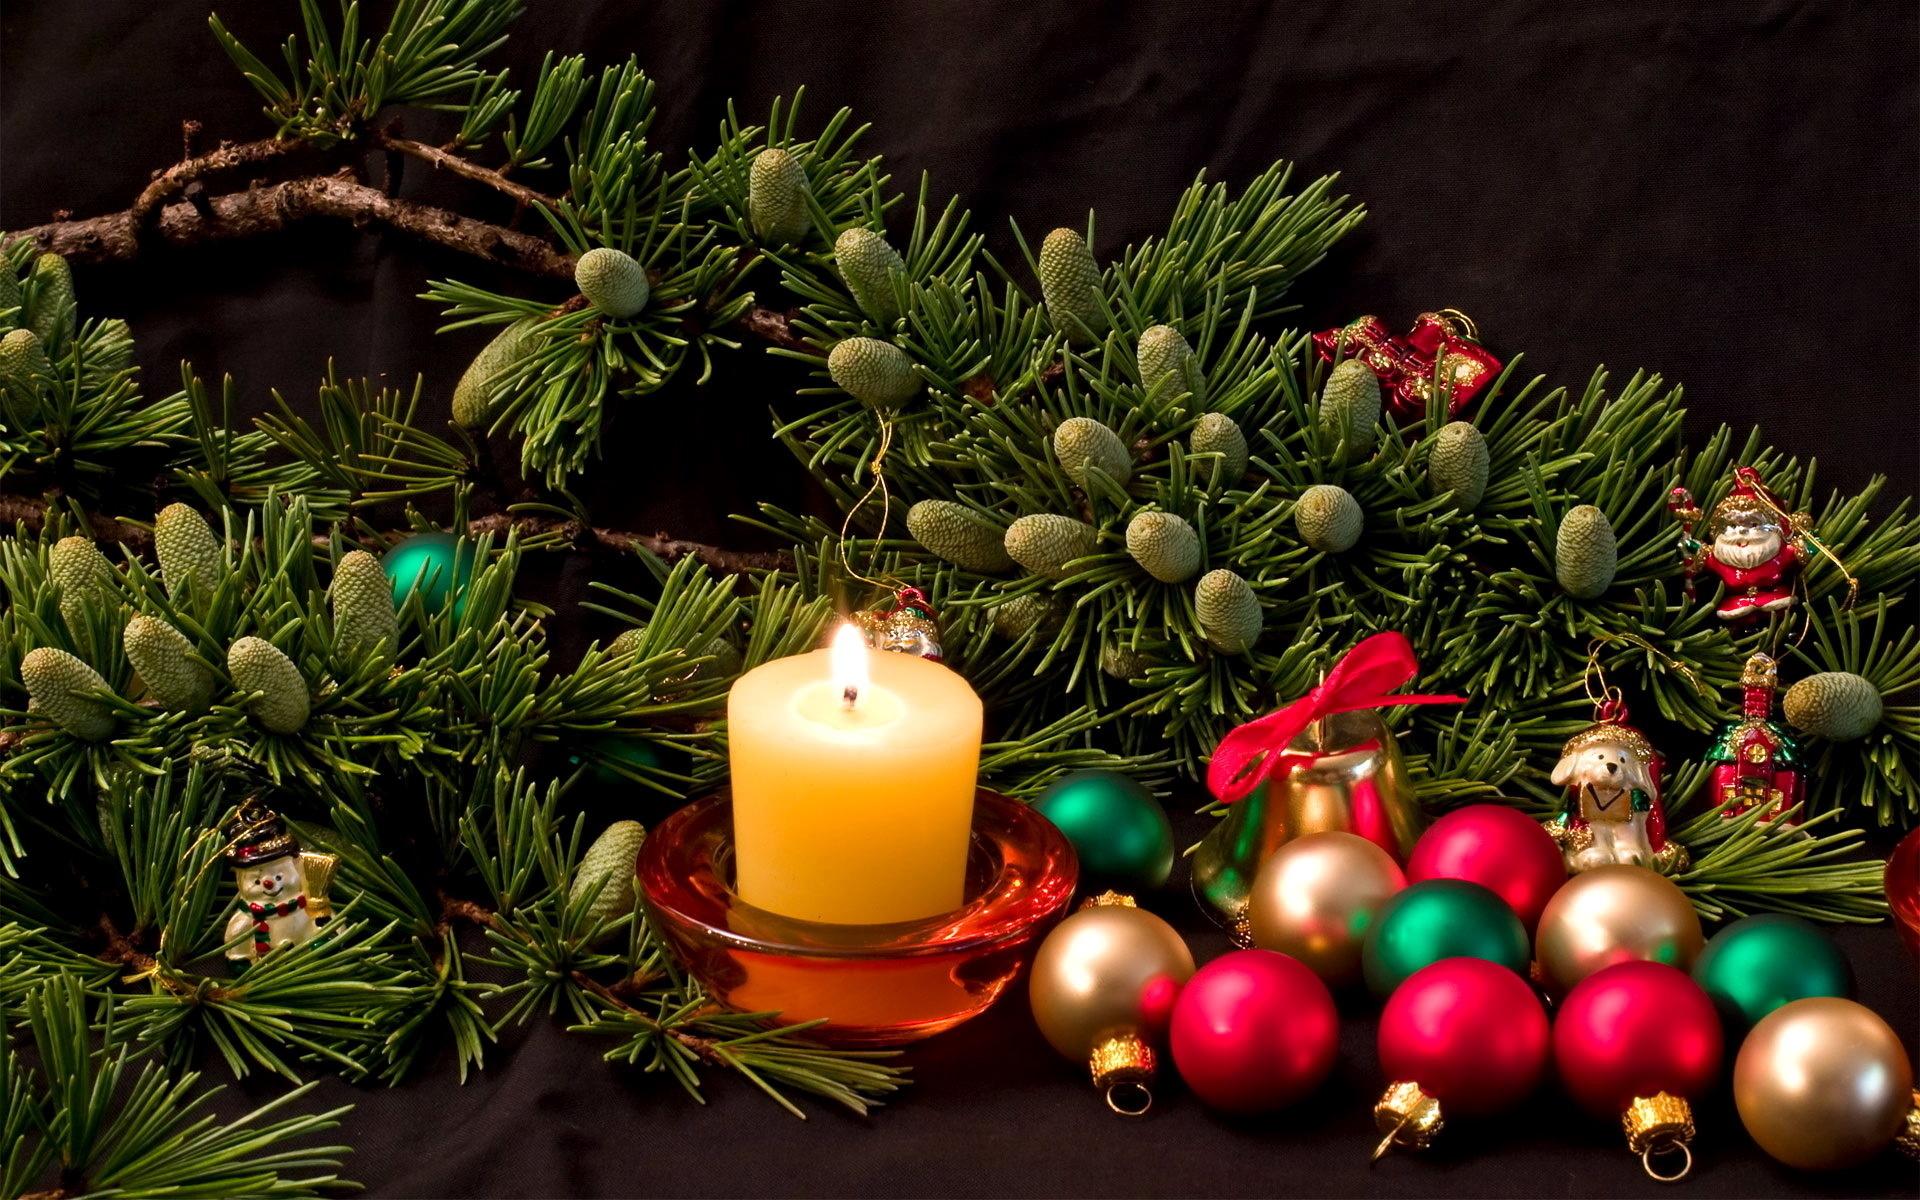 Картинка с рождеством фото